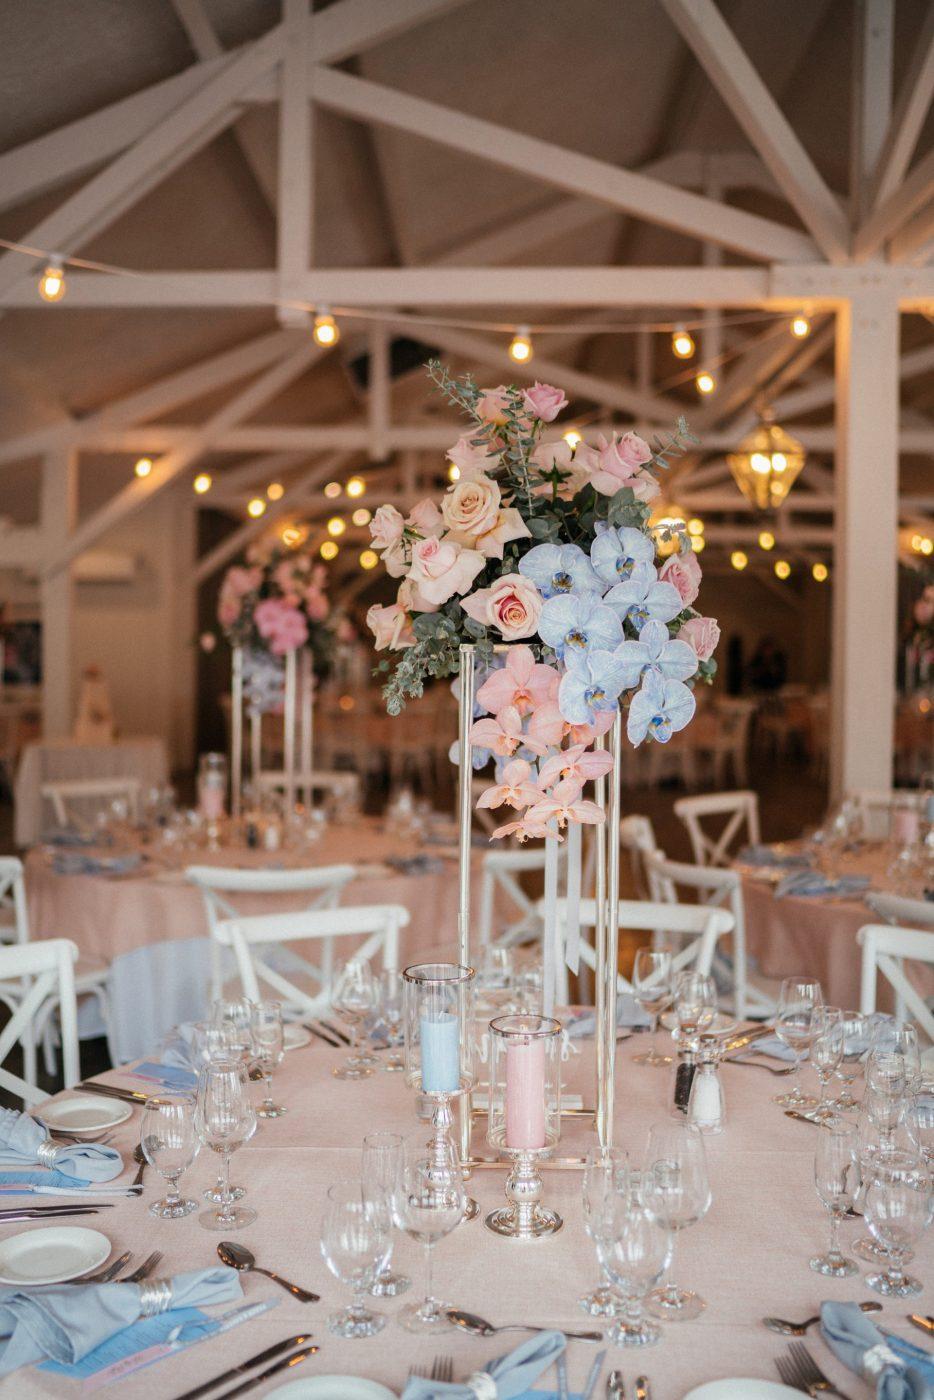 debbie-oneill-melbourrne-wedding-flowers-83